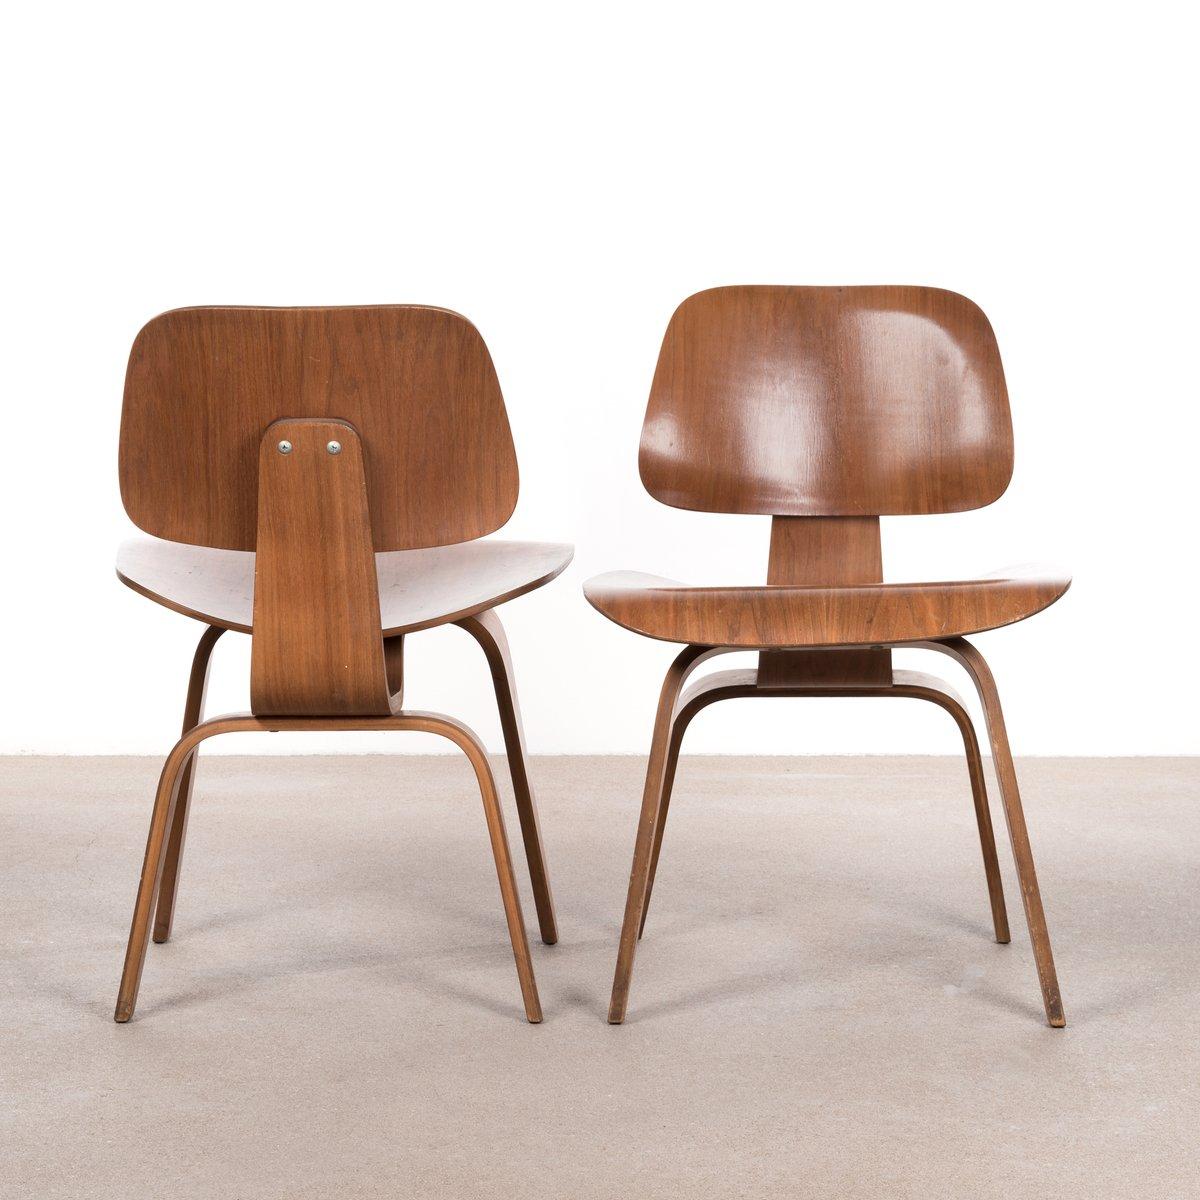 dcw walnuss schichtholz stuhl von charles ray eames f r herman miller 1952 bei pamono kaufen. Black Bedroom Furniture Sets. Home Design Ideas